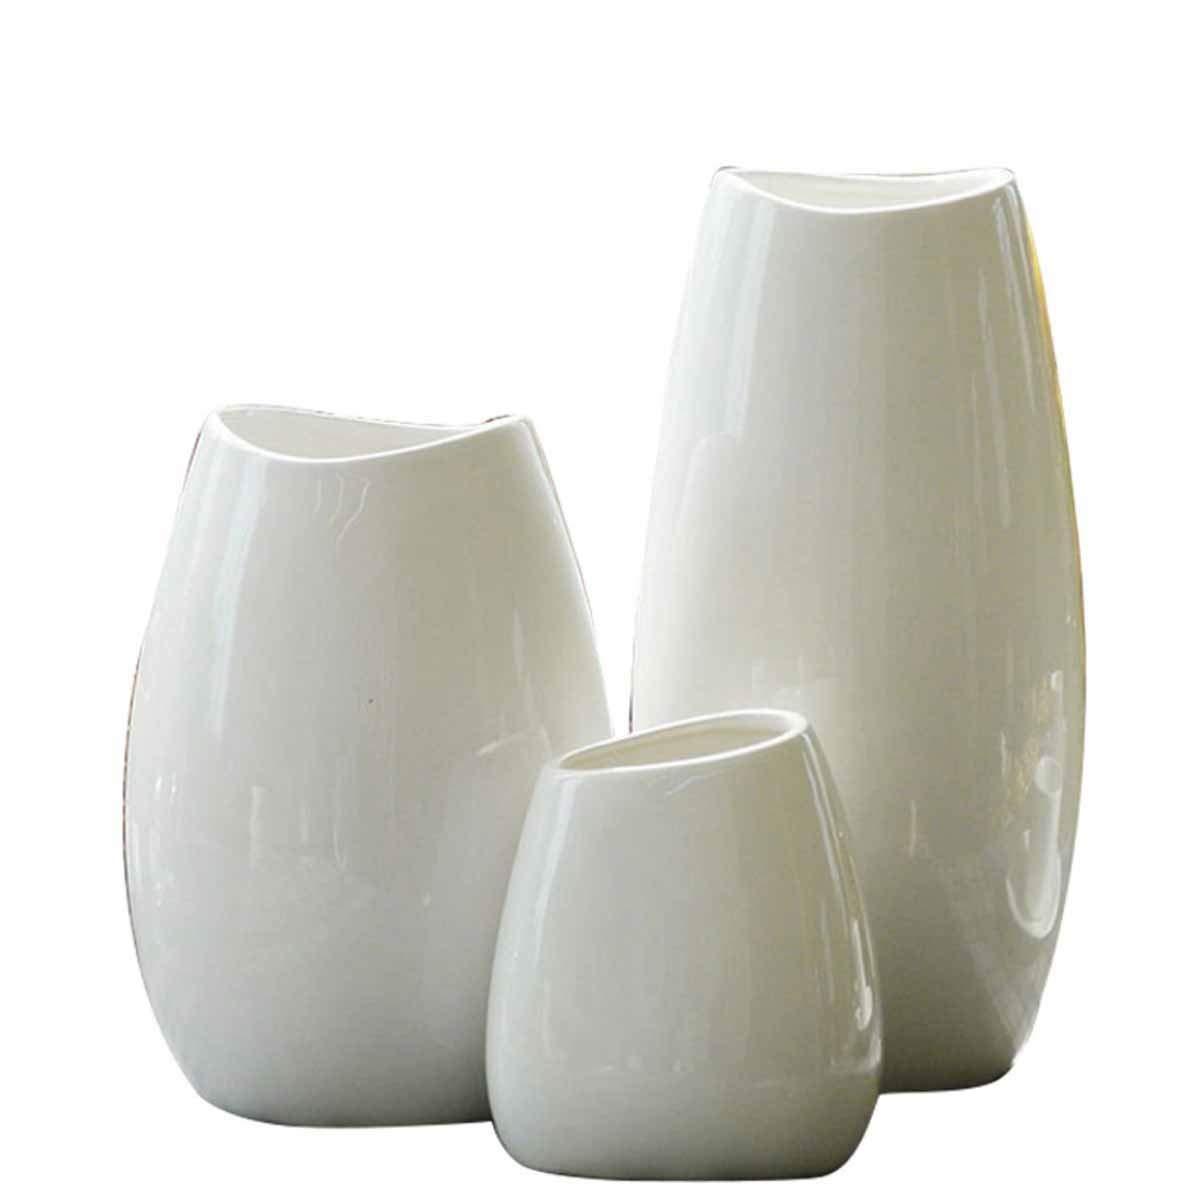 花瓶、リビングルームのセラミック花瓶、アメリカのセラミック花瓶スリーピースホームデコレーション、ミディアム (Color : White, Size : Three pieces) B07RSXXTDK White Three pieces